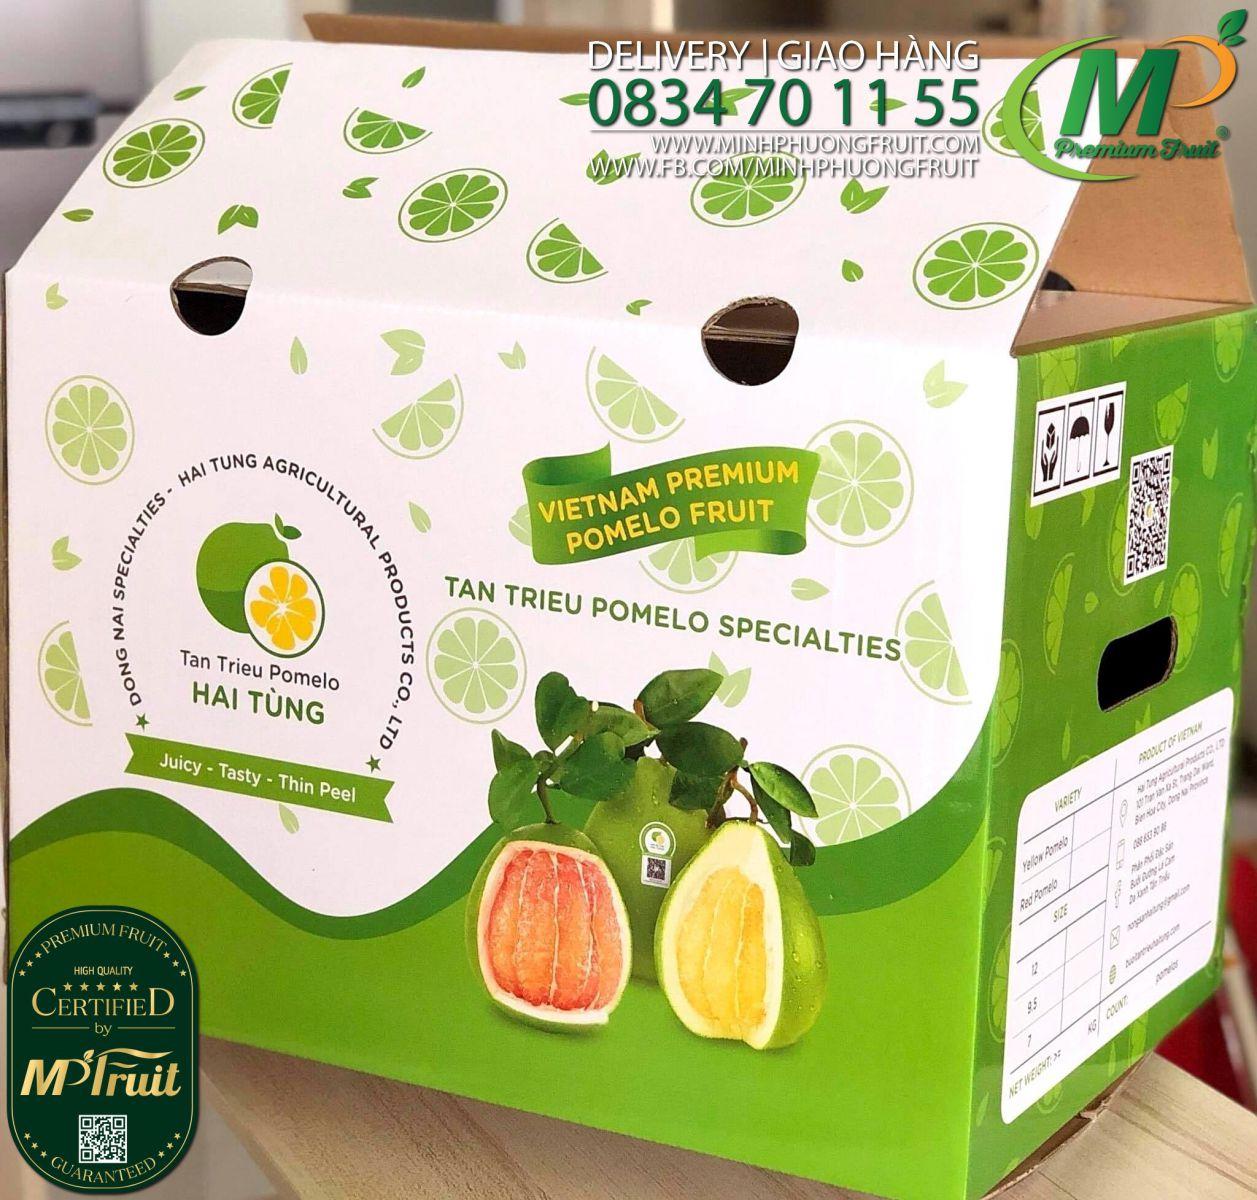 Bưởi Đường Lá Cam Hai Tùng Tân Triều Thùng 12 Trái tại MP Fruits